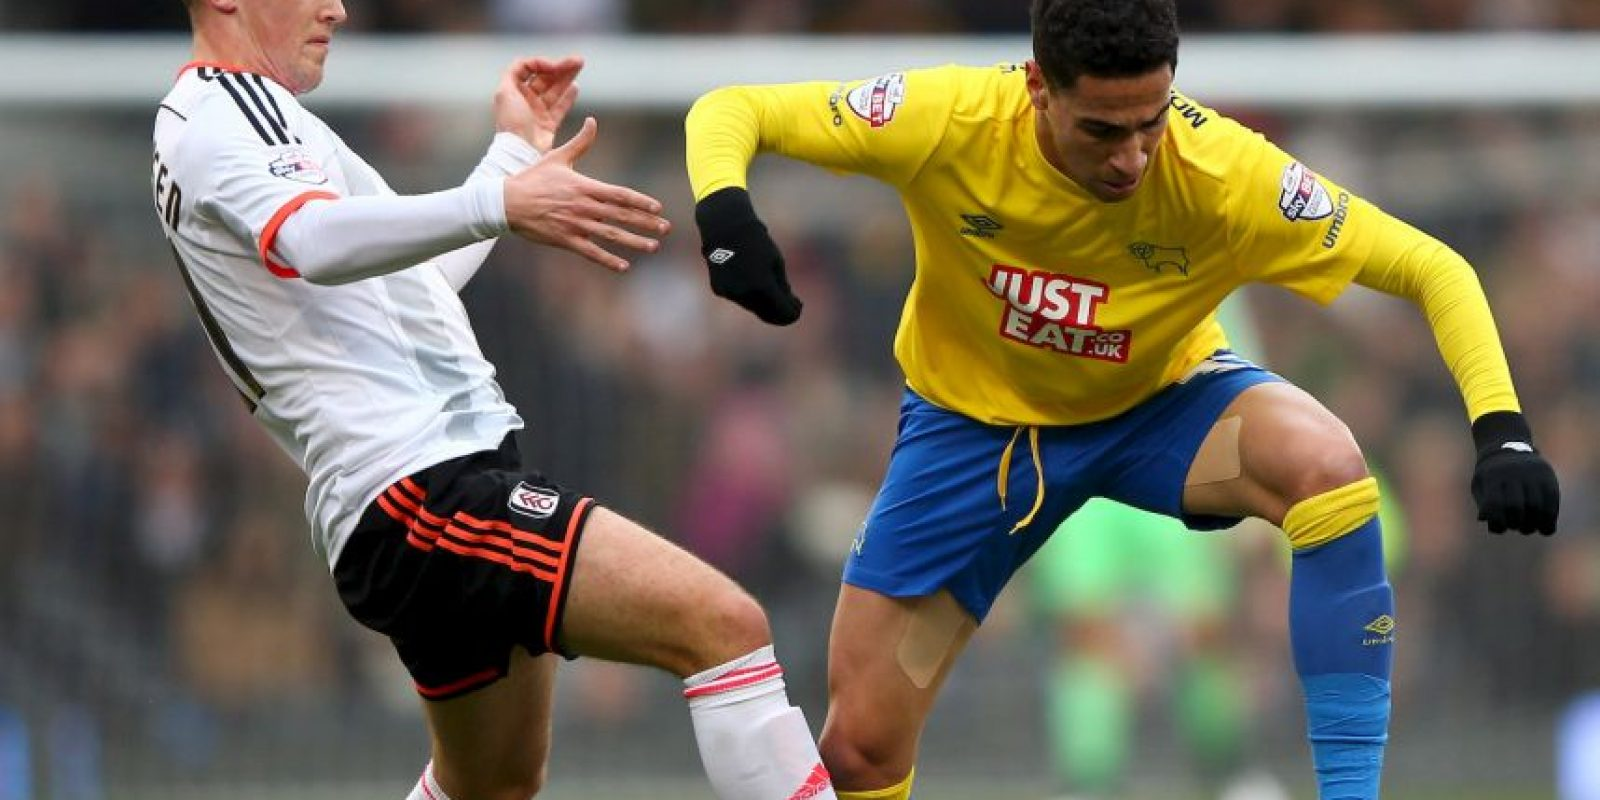 """Desde 2011 forma parte de la institución """"merengue"""", después de jugar en el Derby County inglés, ahora fue cedido al Sportng de Gijón Foto:Getty Images"""